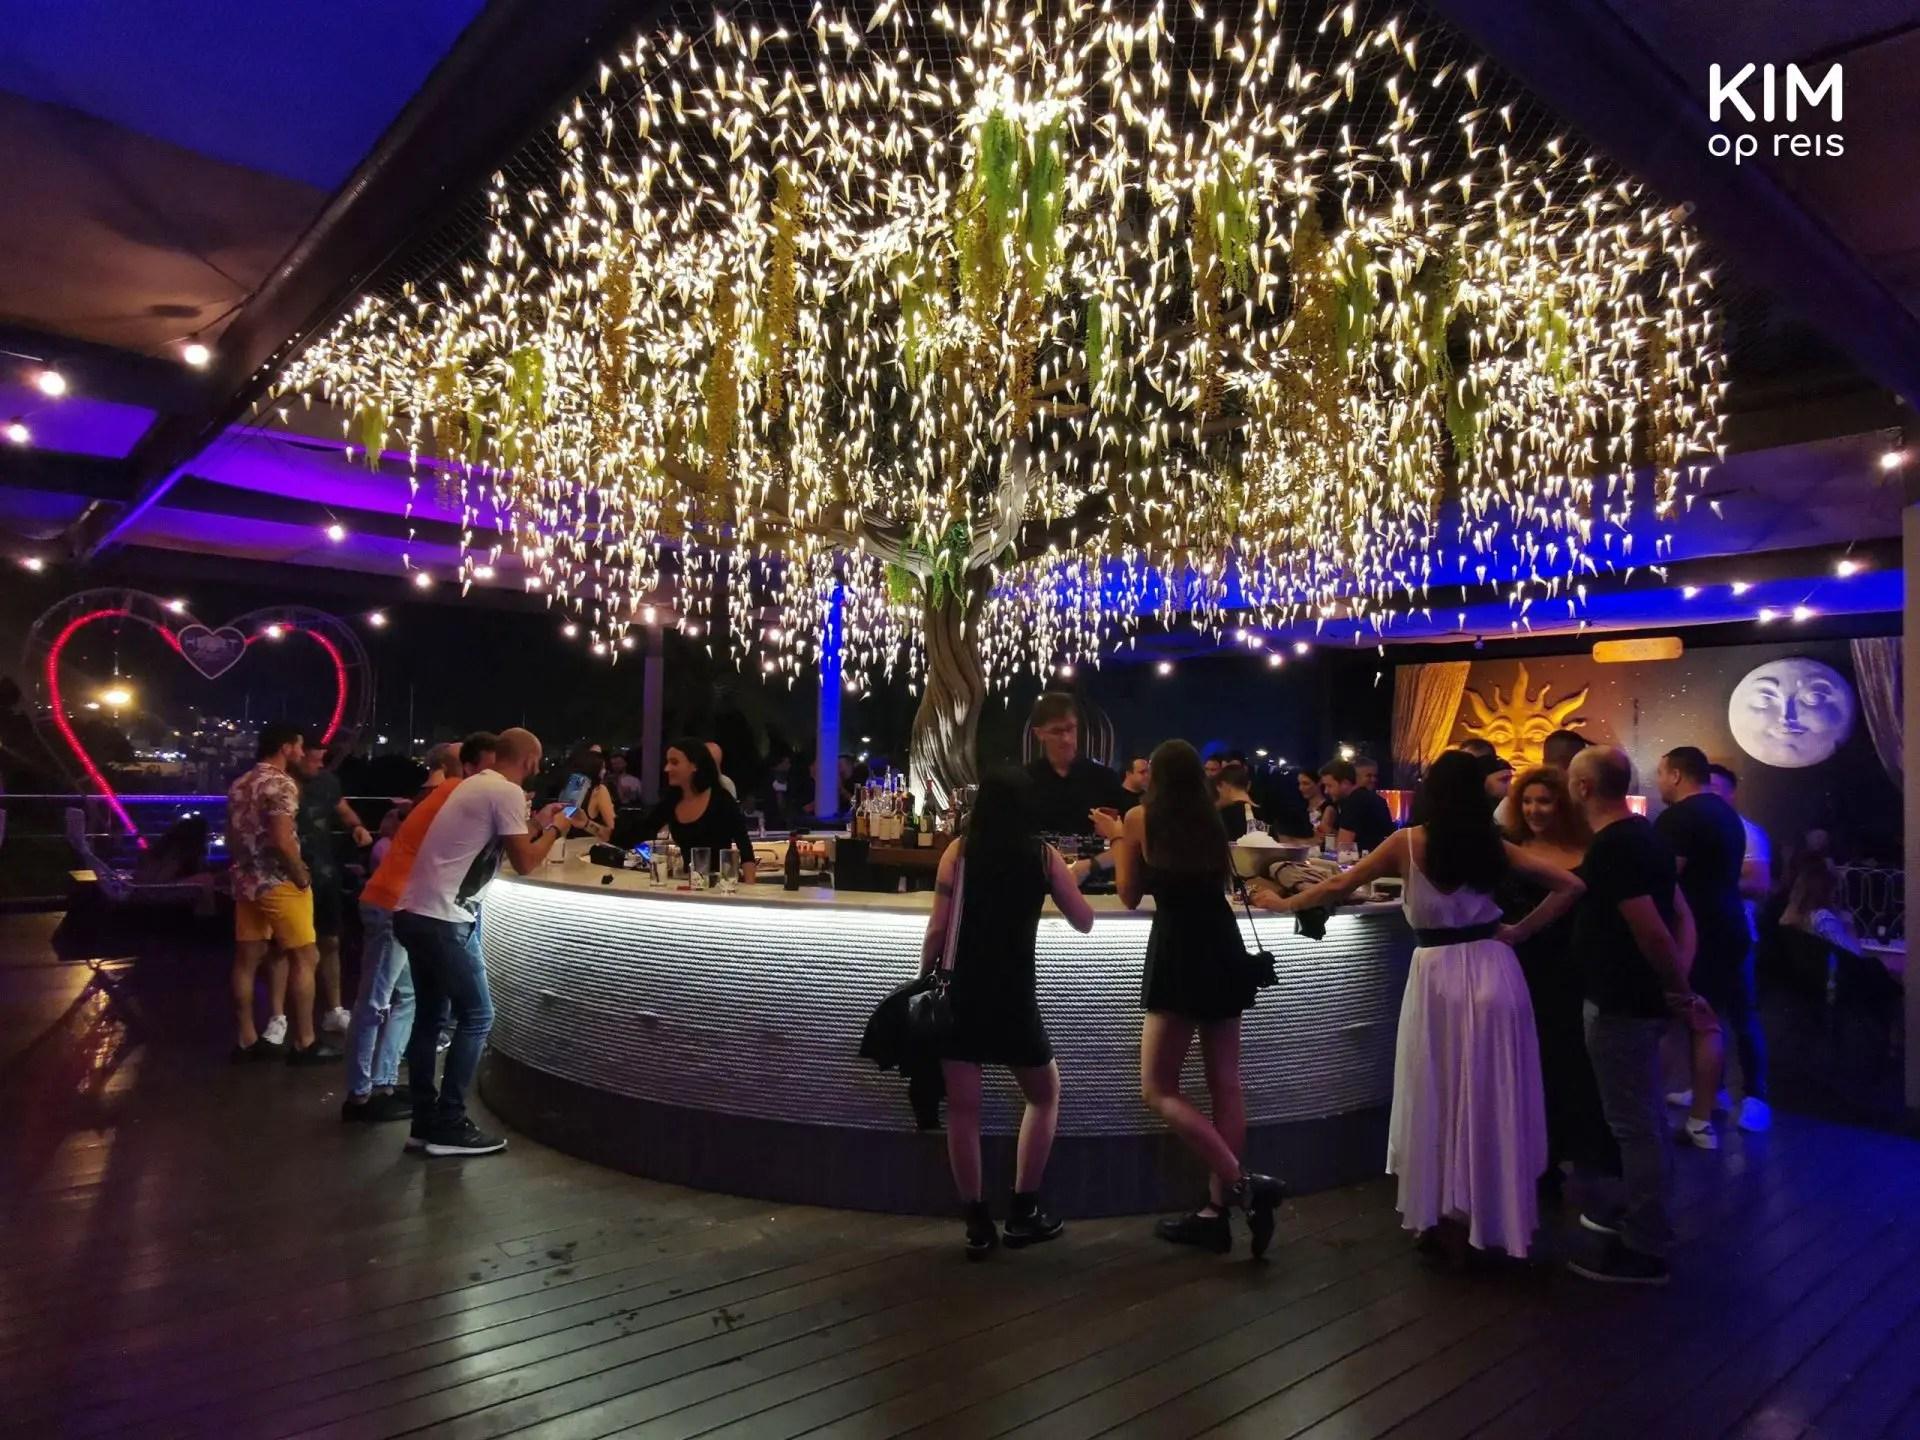 Buitenbar Heart Ibiza - bar met lampjesregen erboven en linksachter een rood verlicht hart